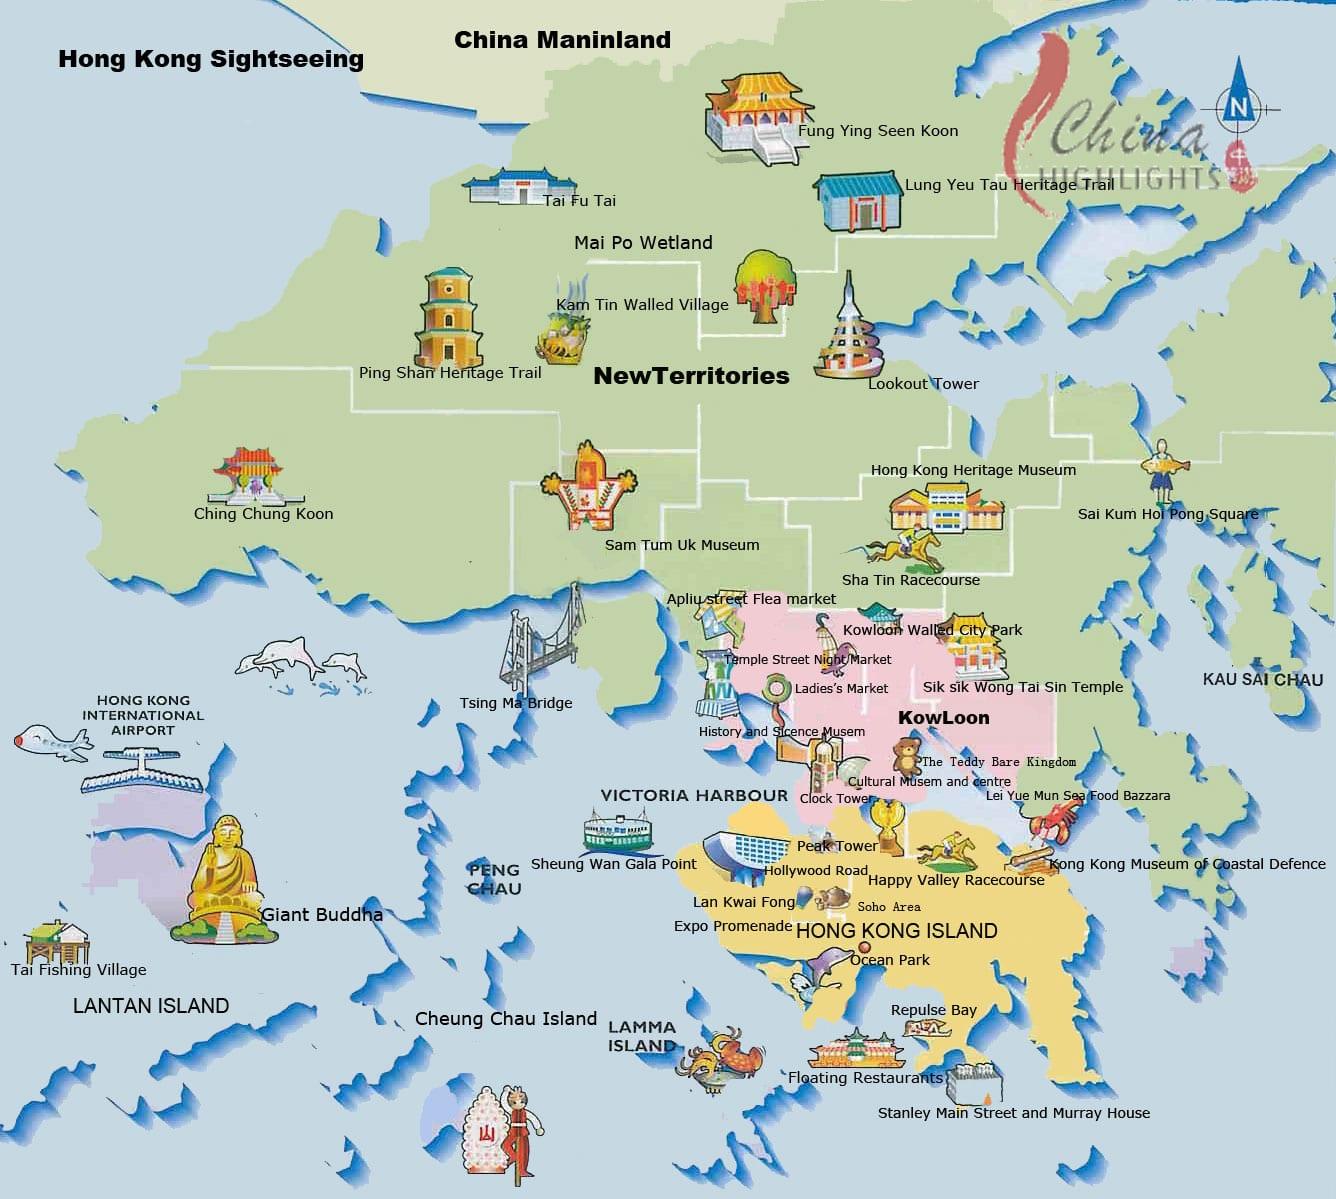 Sehenswürdigkeiten Großbritannien Karte.Hong Kong Reise Reiseführer Sehenswürdigkeiten